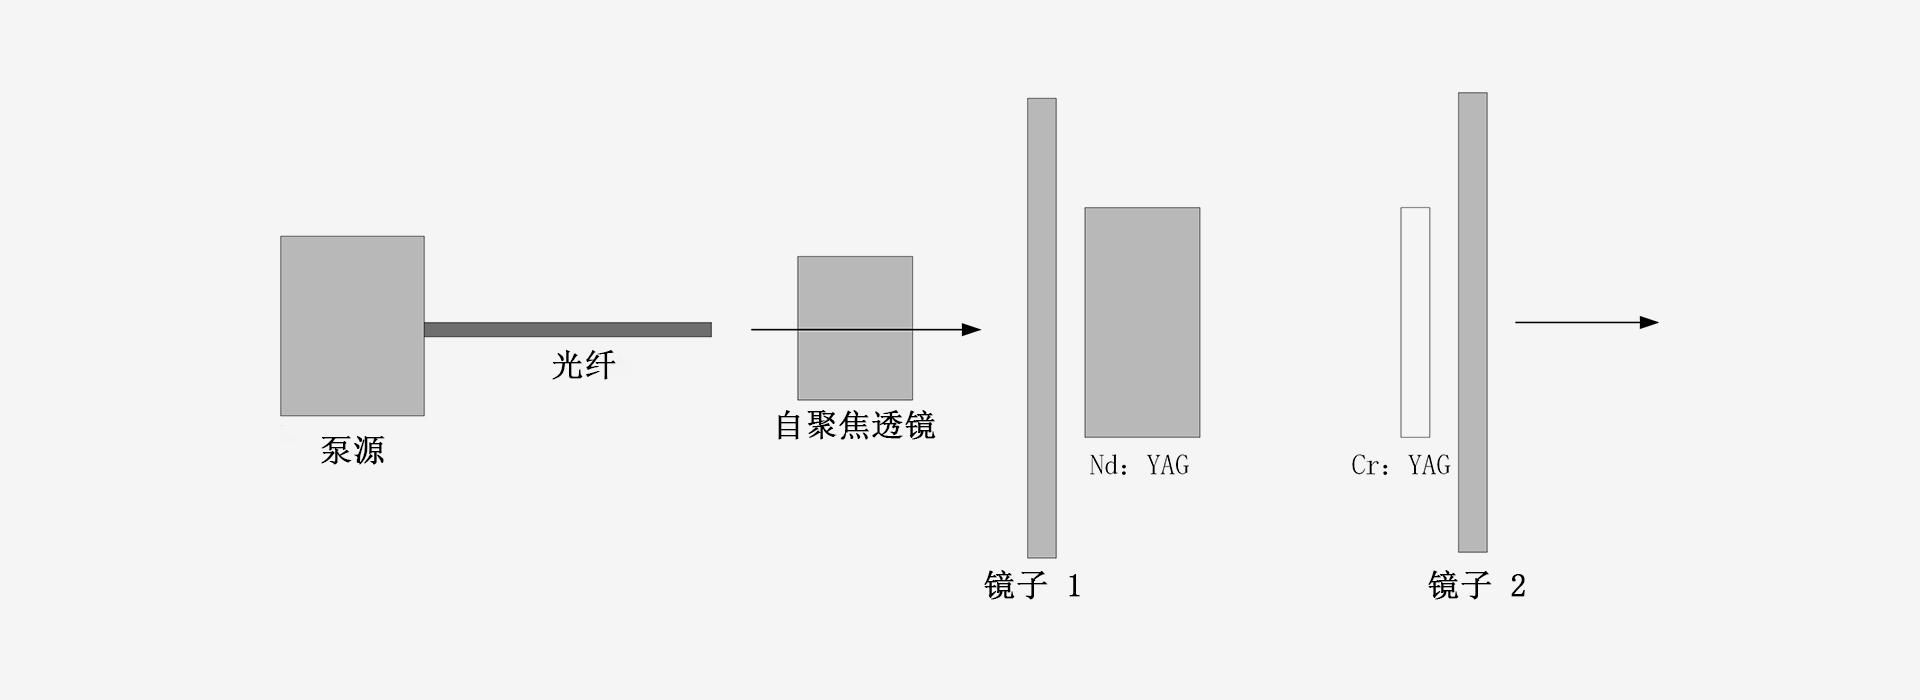 1064nm-激光器原理图-南京光宝-CRYLINK